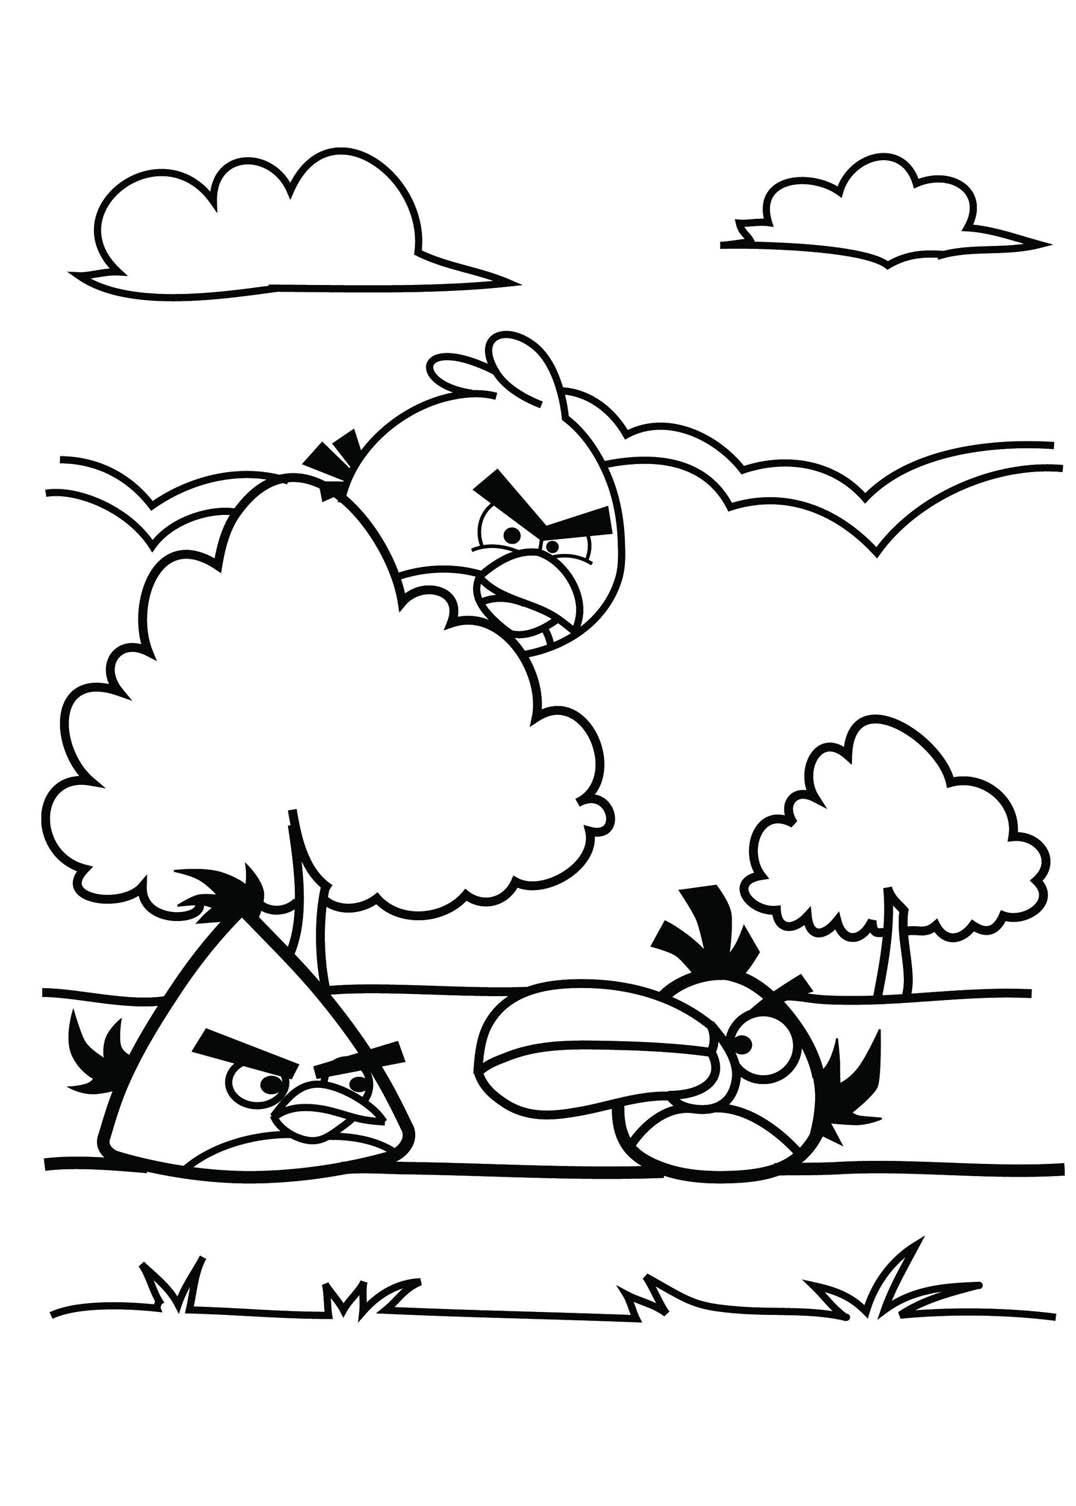 Coloriage De Angry Birds À Colorier Pour Enfants tout Dessin Pour Enfant A Colorier